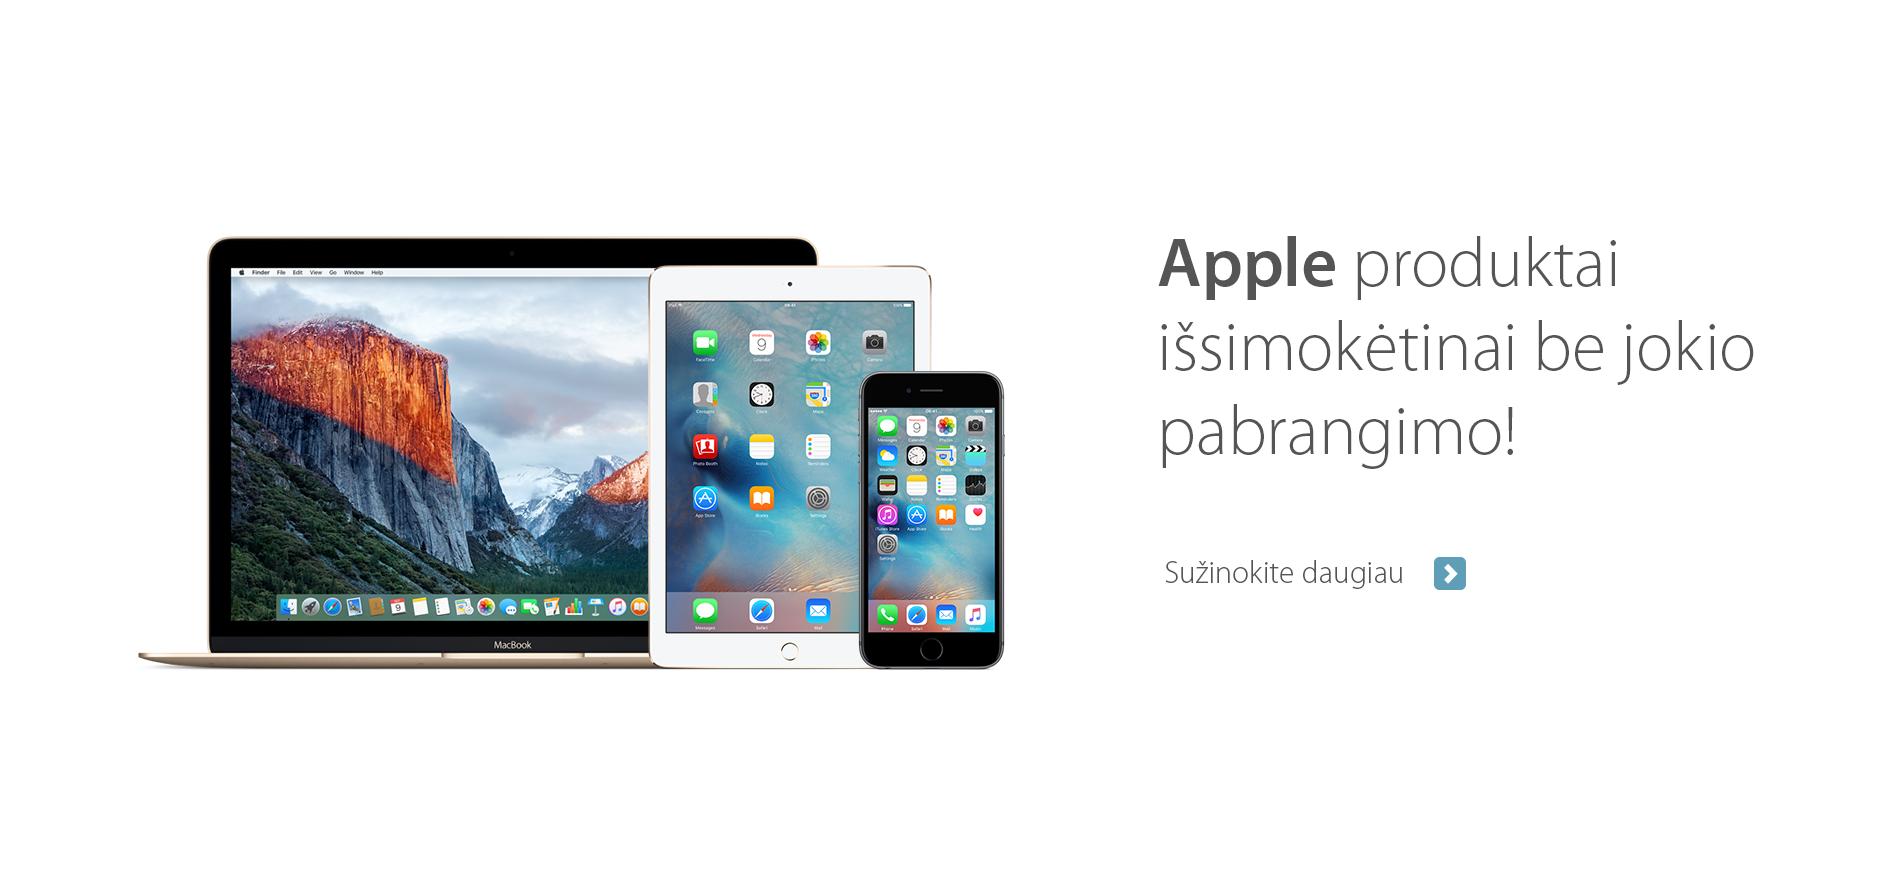 """""""iDeal"""" siūlo įsigyti """"Apple"""" produkcijos pigiau, išsimokėtinai be pabrangimo"""